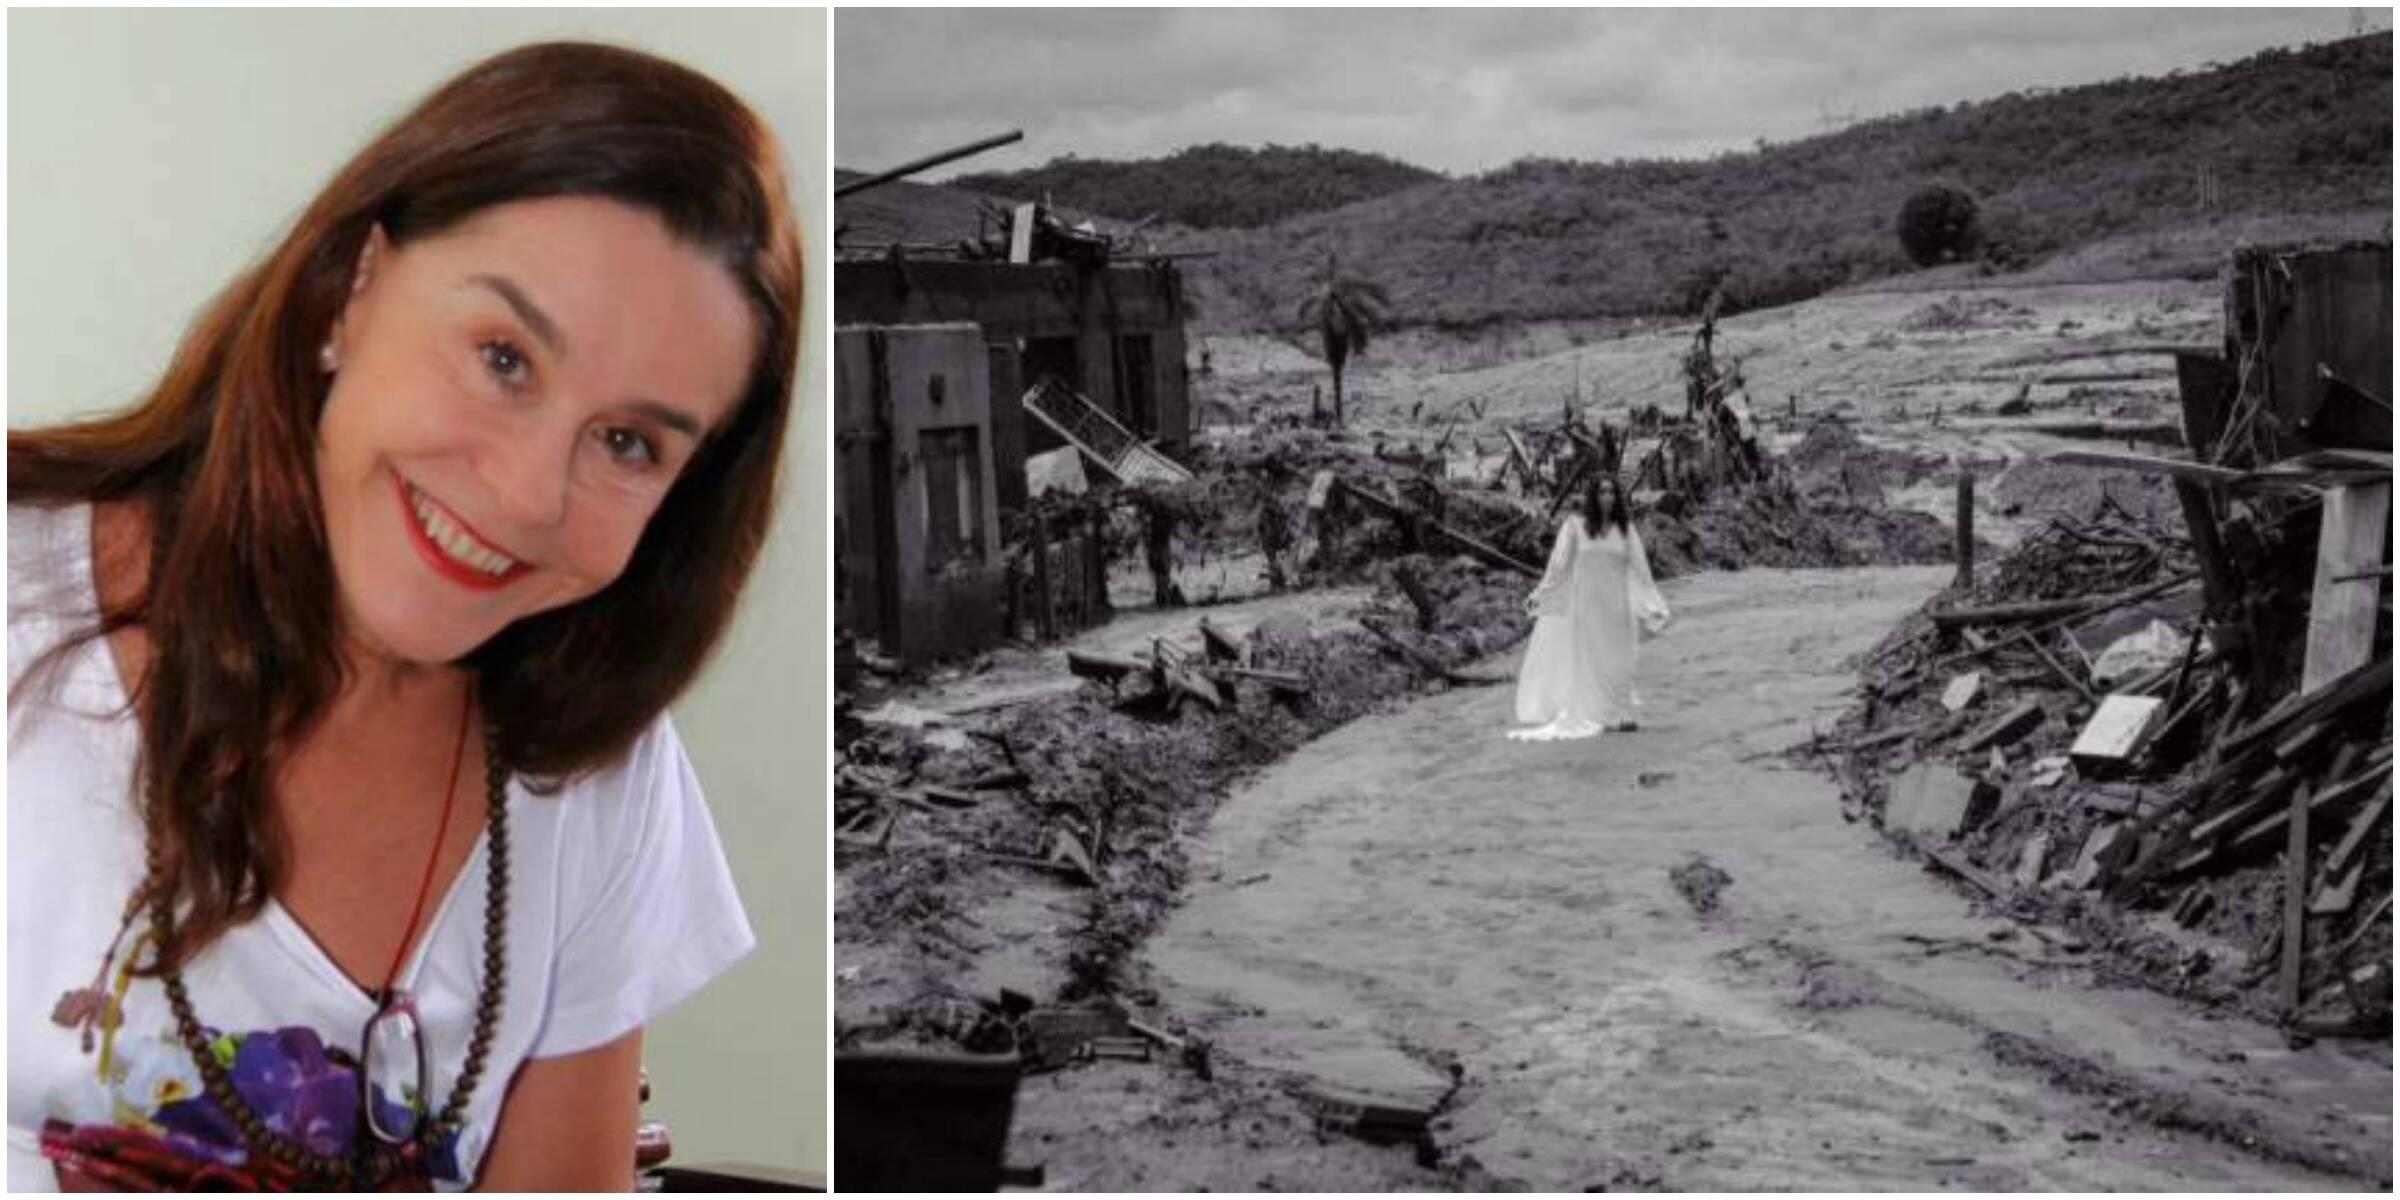 Lucélia numa cena do filme de Jura Capela, rodado em Bento Rodrigues, Mariana / Foto: divulgação